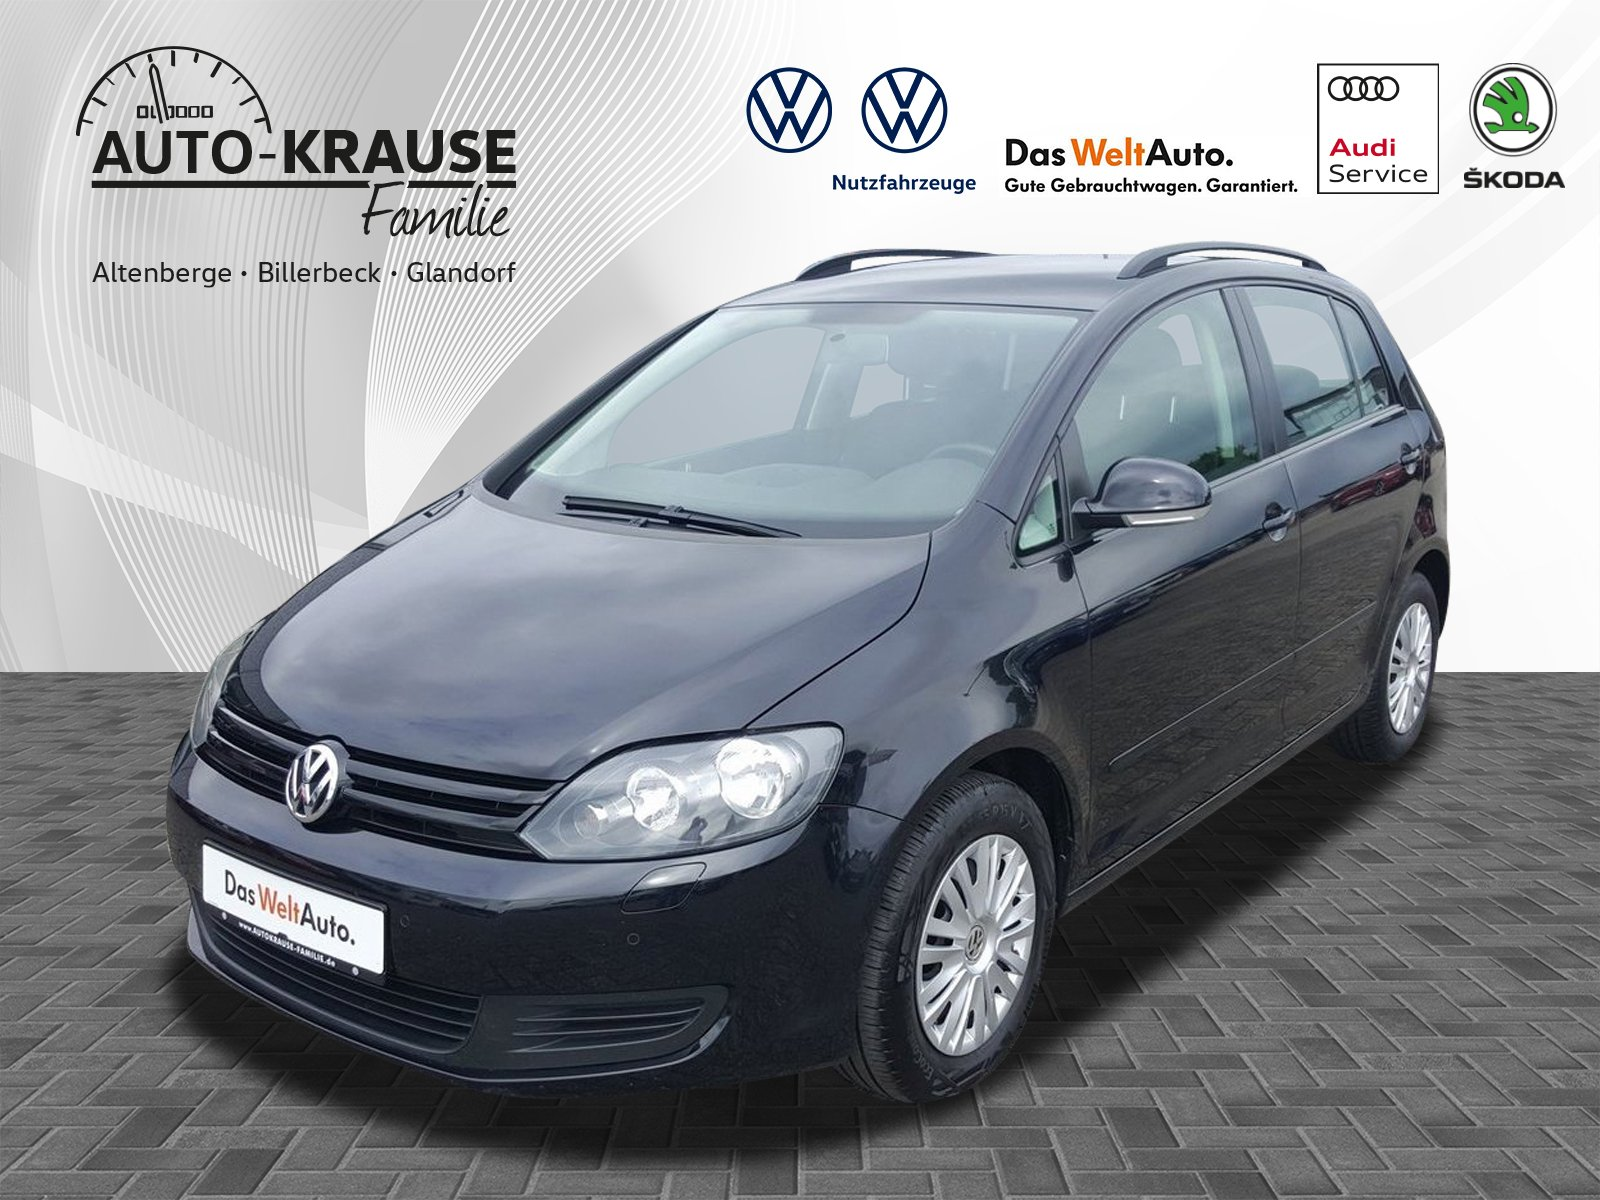 Volkswagen Golf VI Plus 1.2 TSI Trendline, Jahr 2013, Benzin